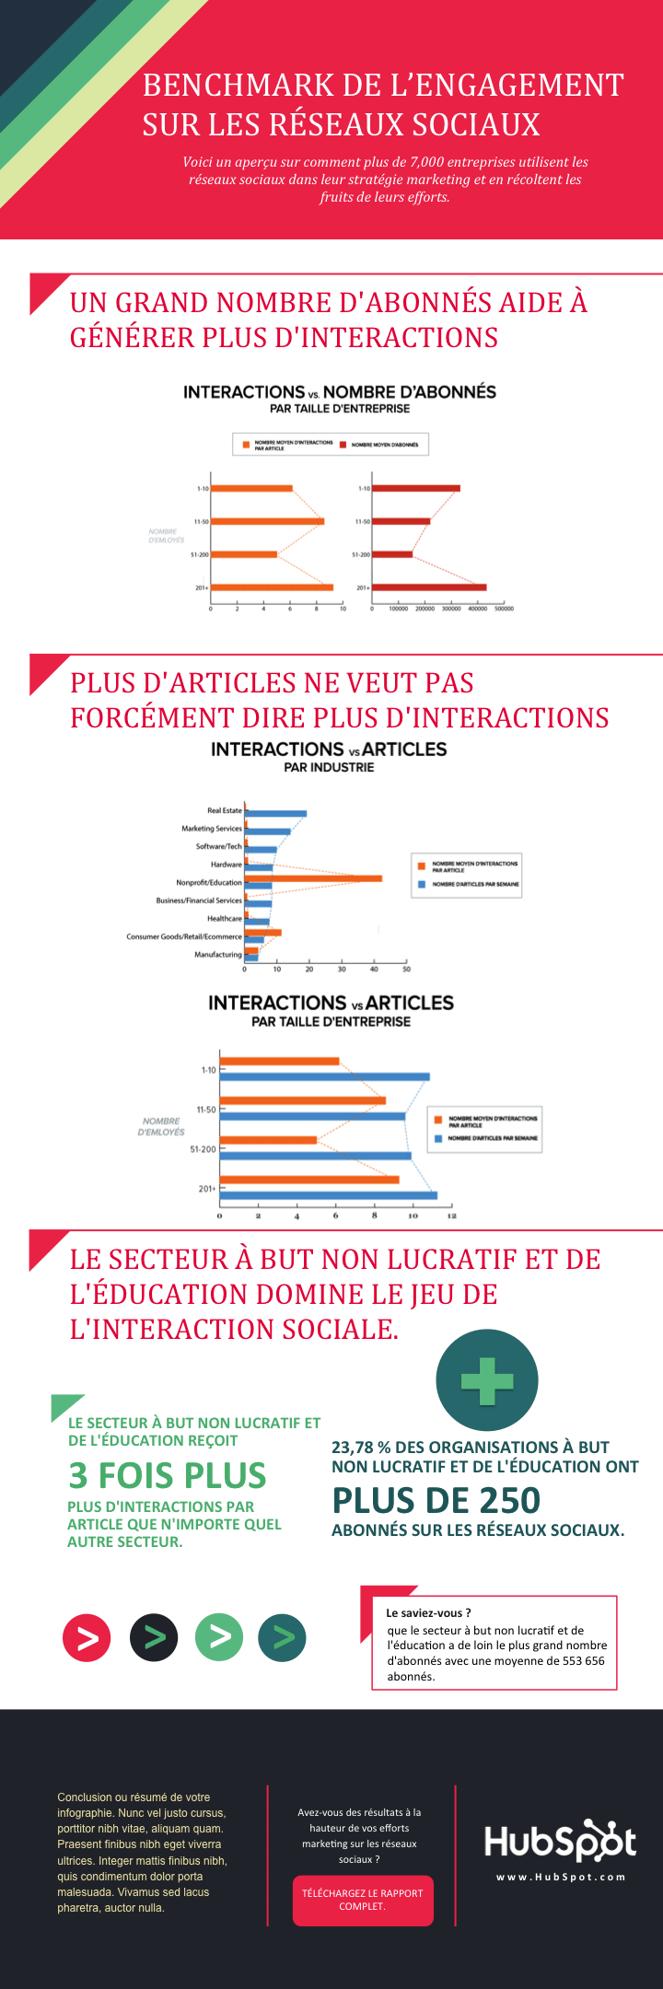 Benchmark_de_lengagement_sure_les_reseaux_sociaux.png